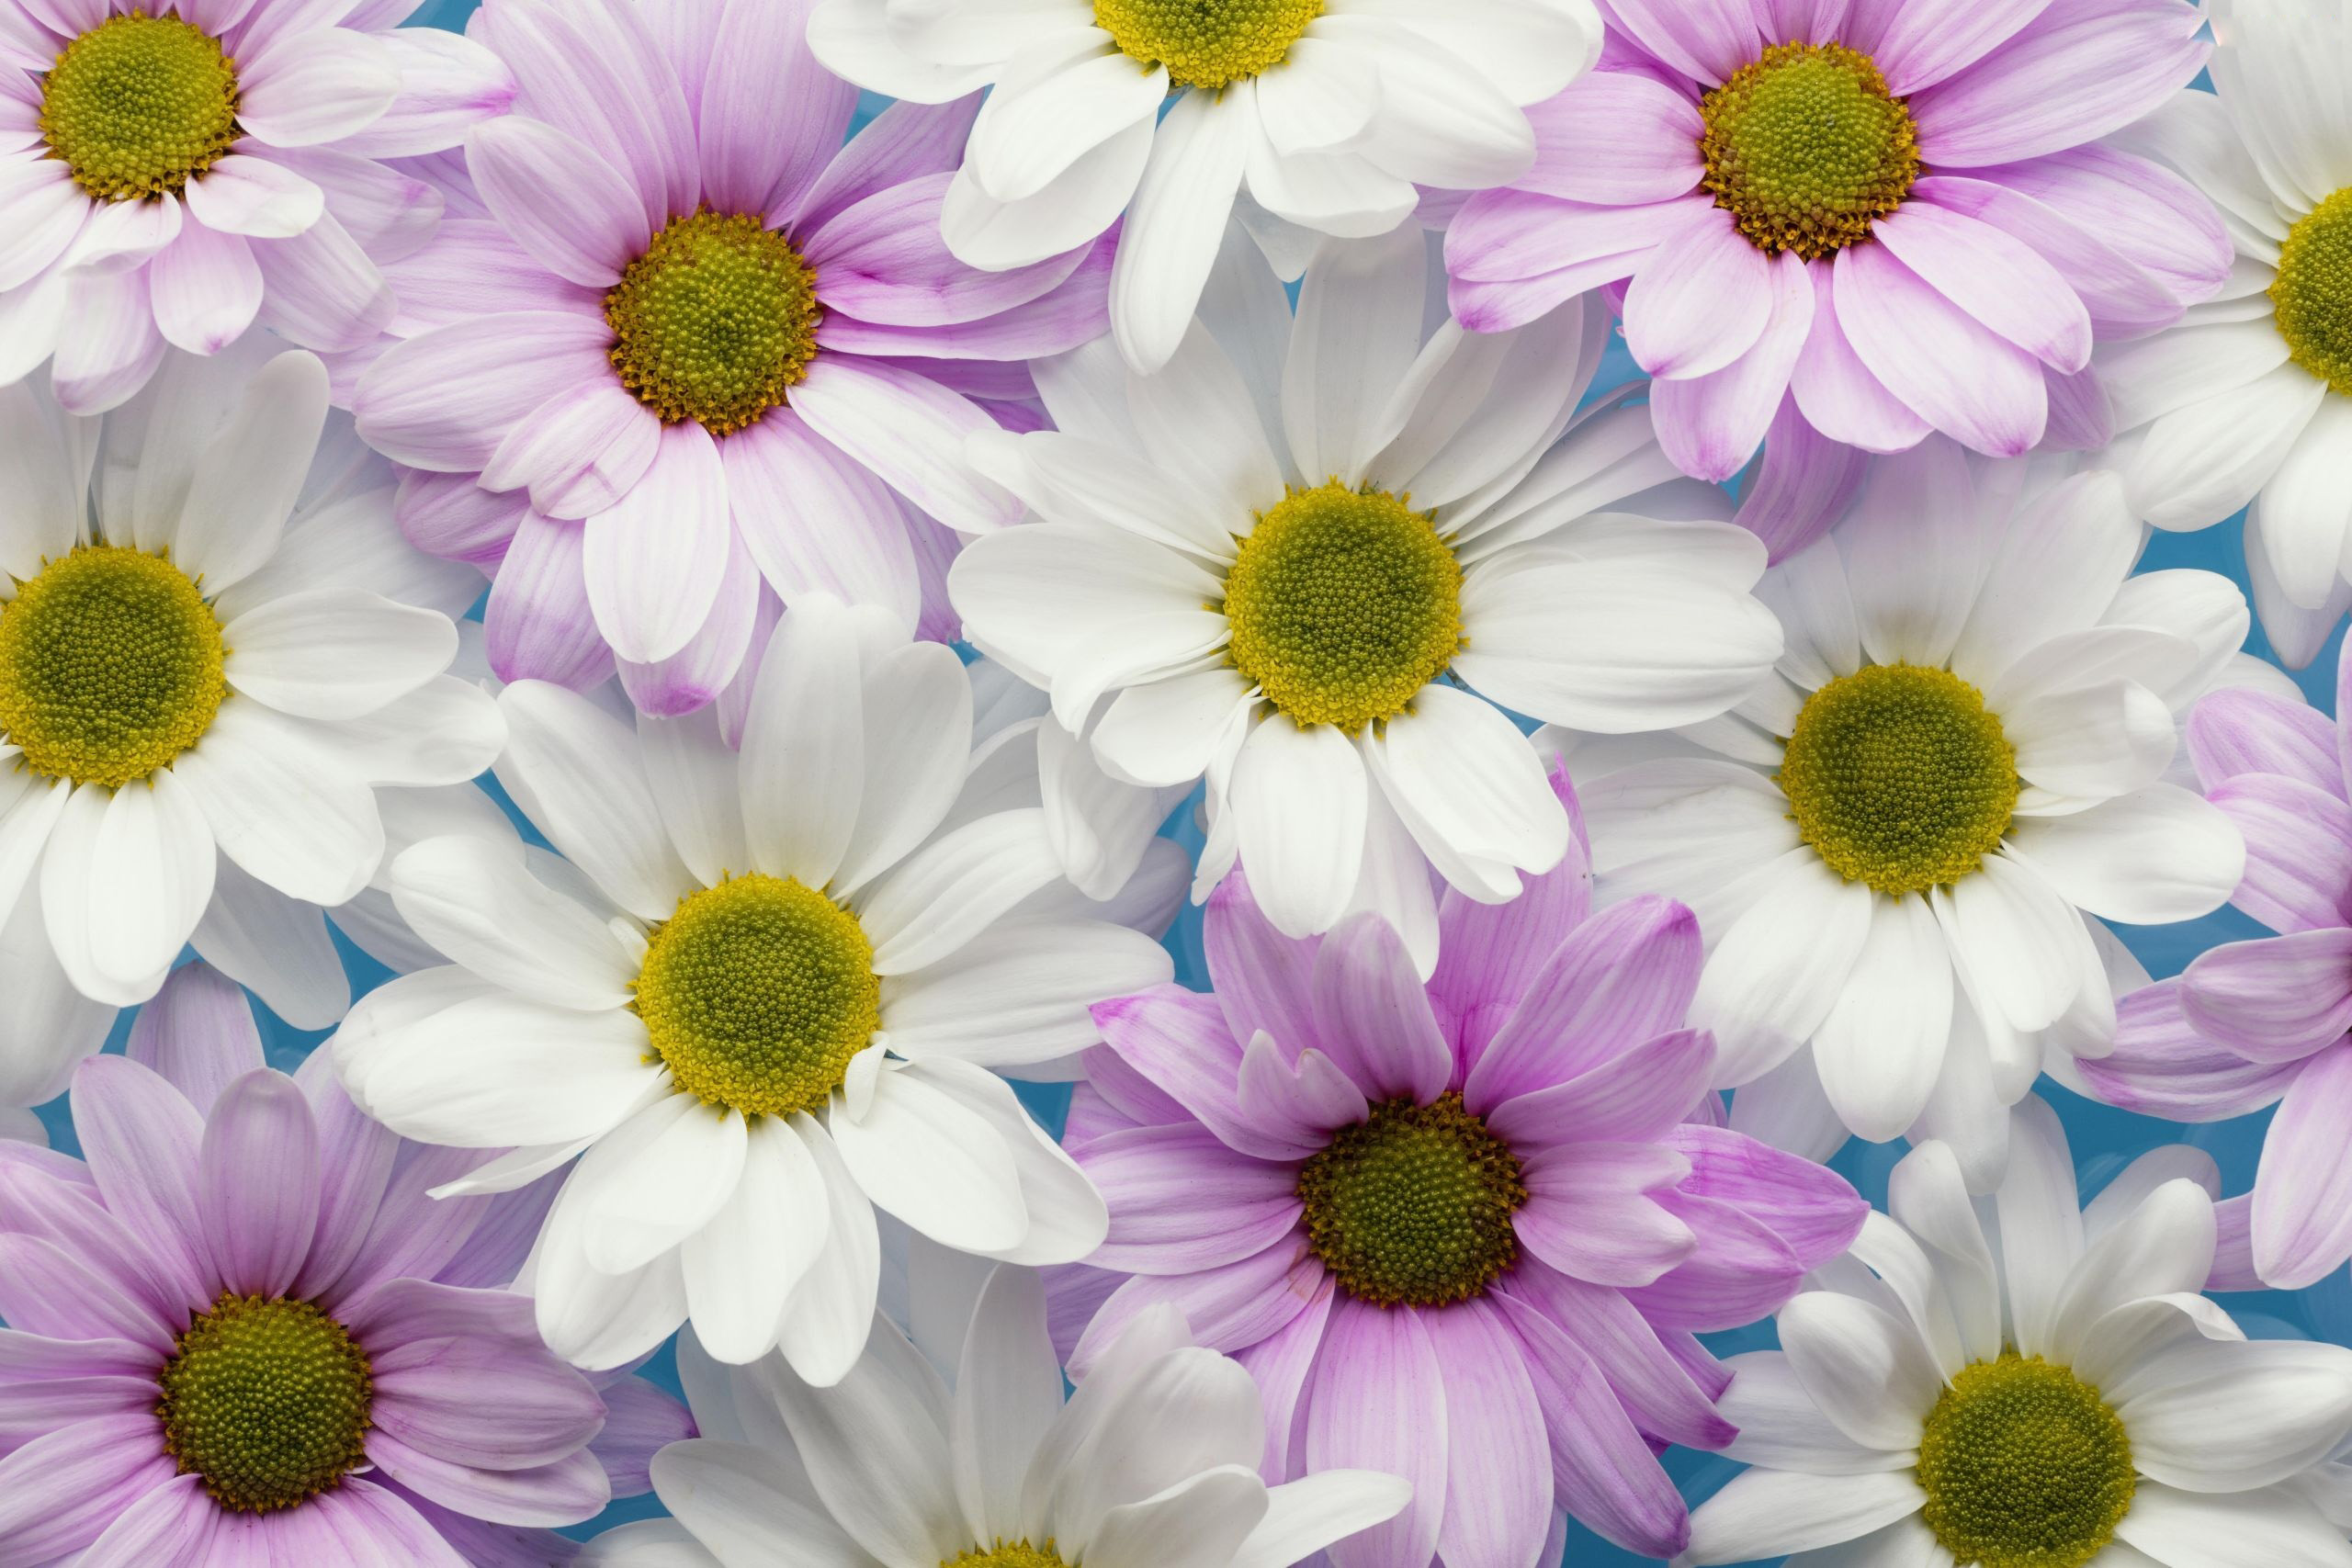 Earth Chrysanthemum 2560x1707